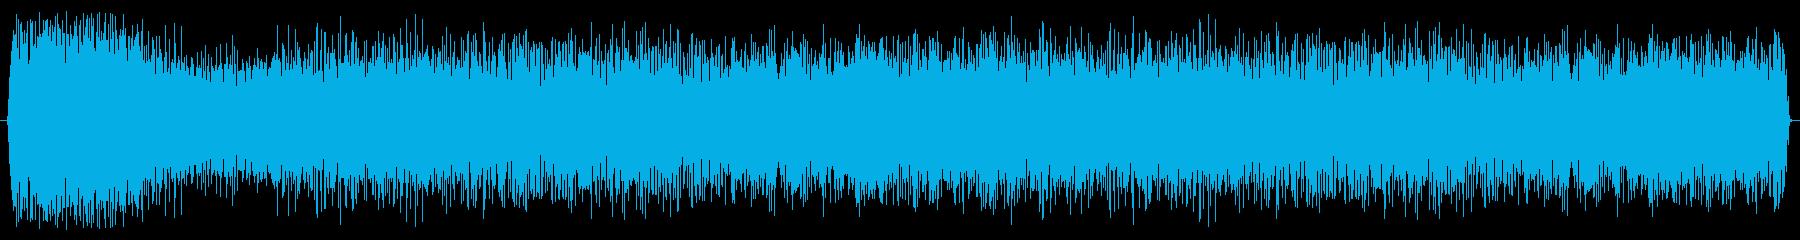 ブースター ヒューシュフライ01の再生済みの波形